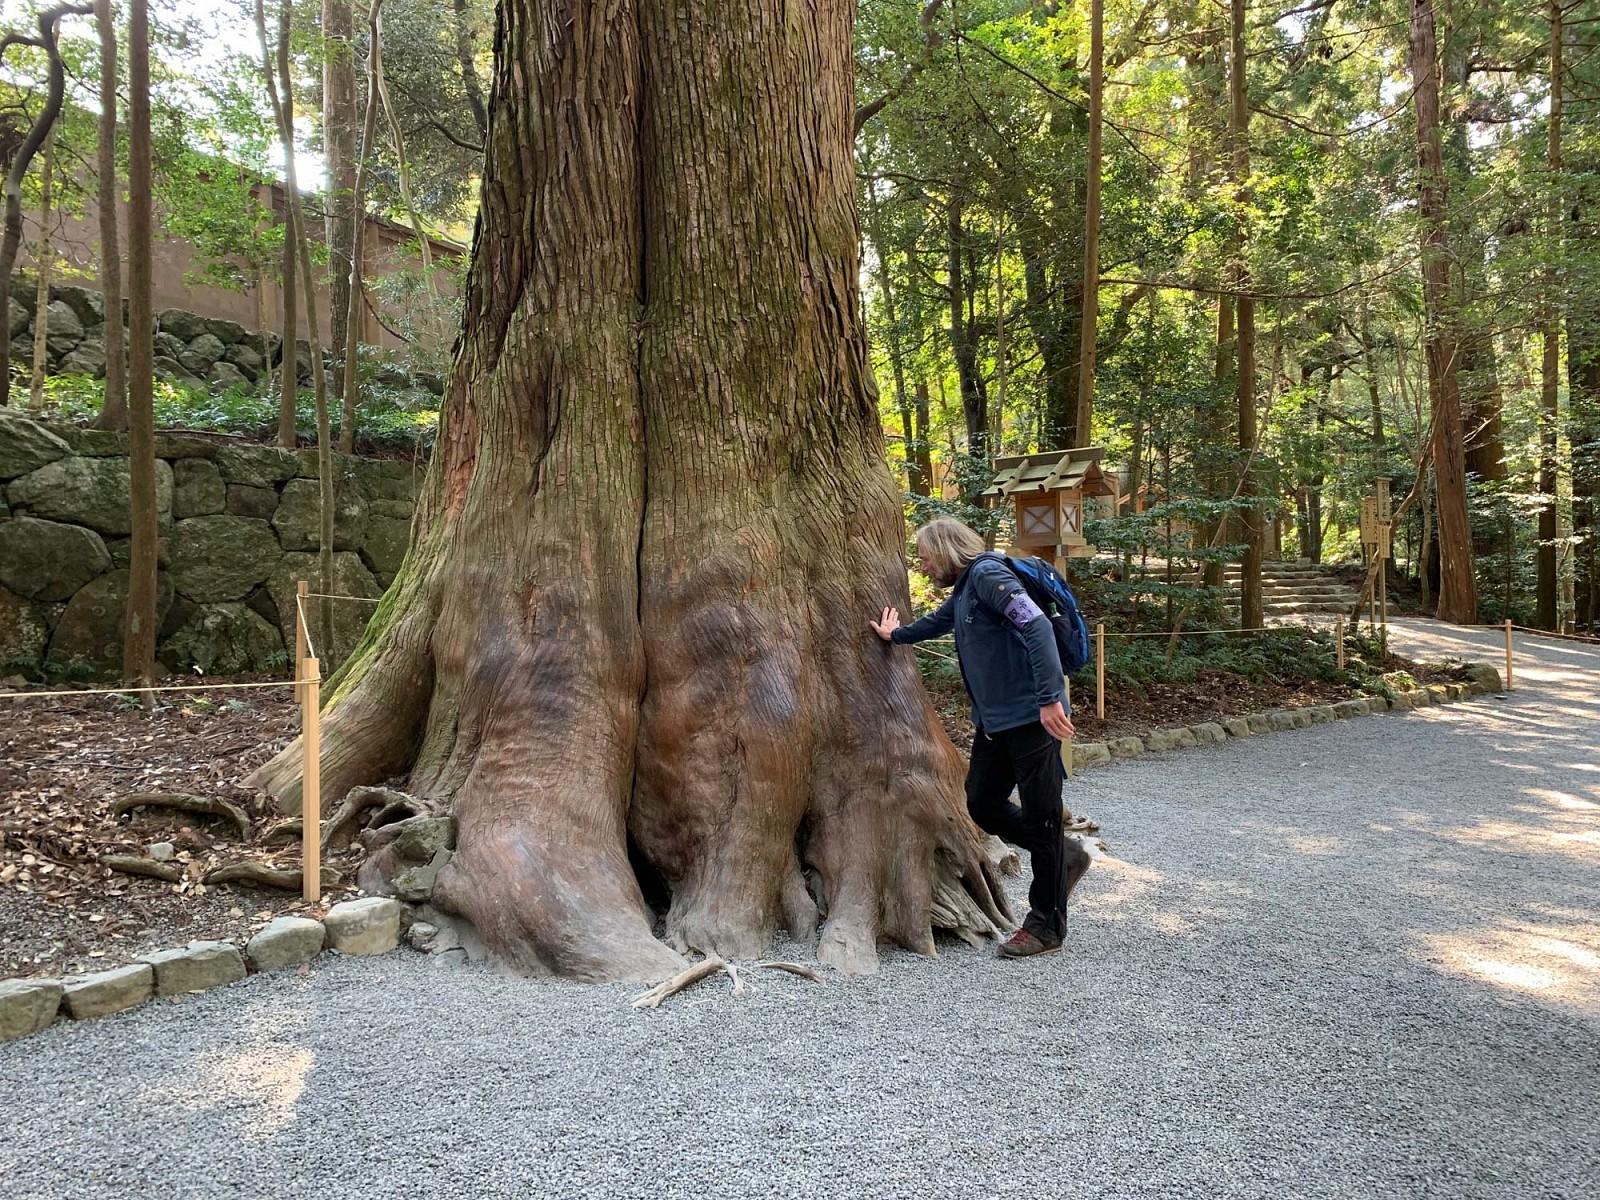 pspan-stylecolornullRespekt-vor-dem-Alternbspspanppspan-stylecolornullDieser-gewaltige-Baum-stehtnbspnahe-des-Groszligen-Ise-Schreinsspanp